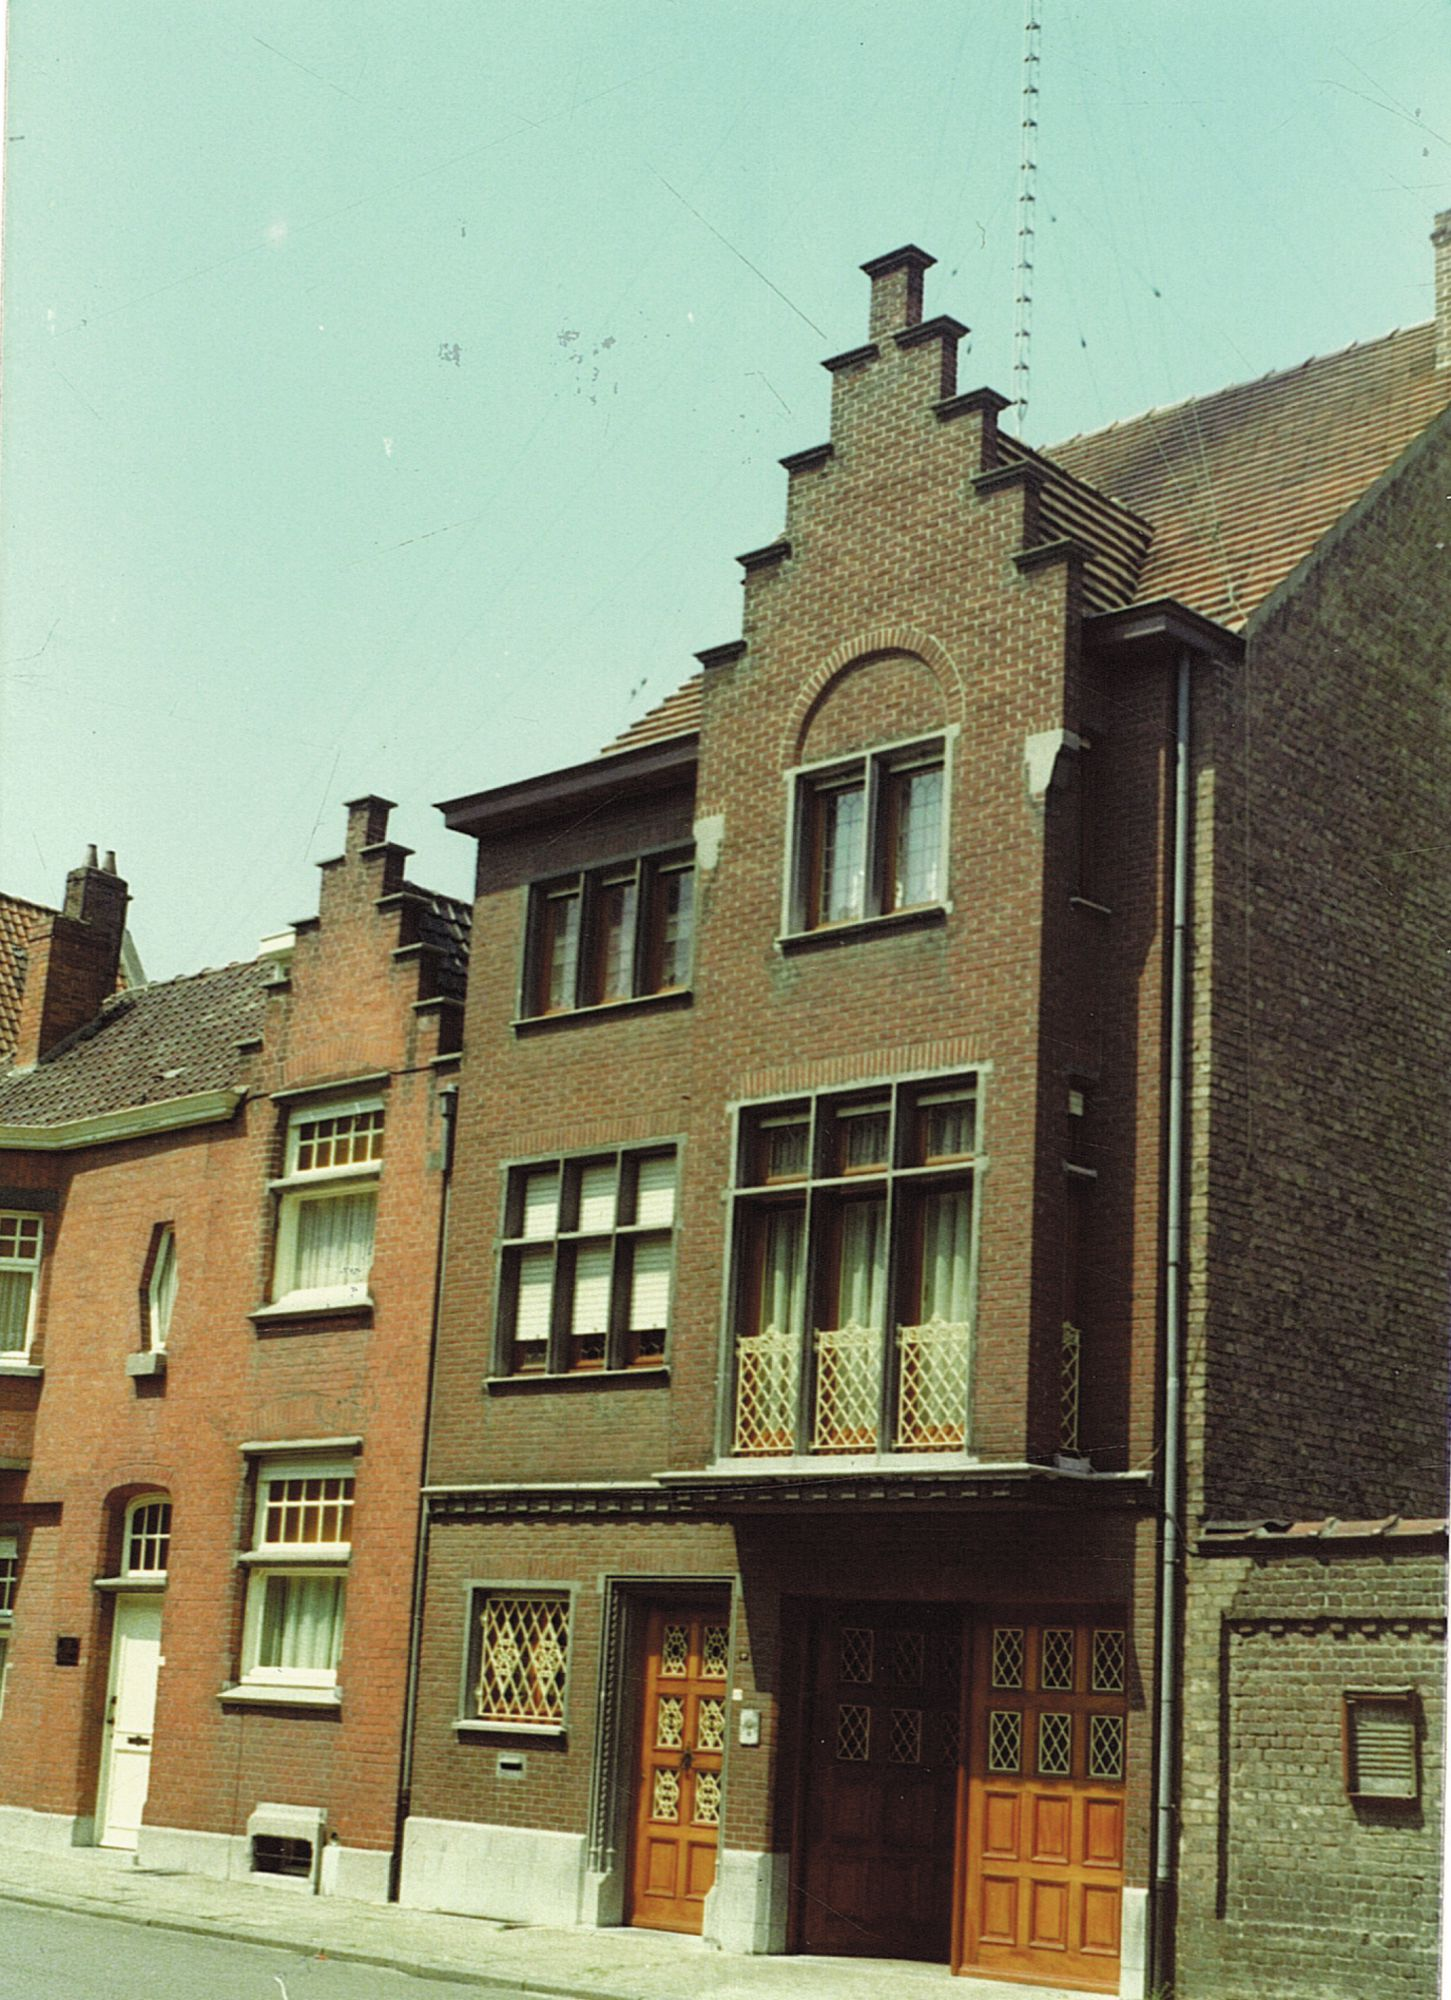 Sint-Amandslaan nrs. 11 en 11a